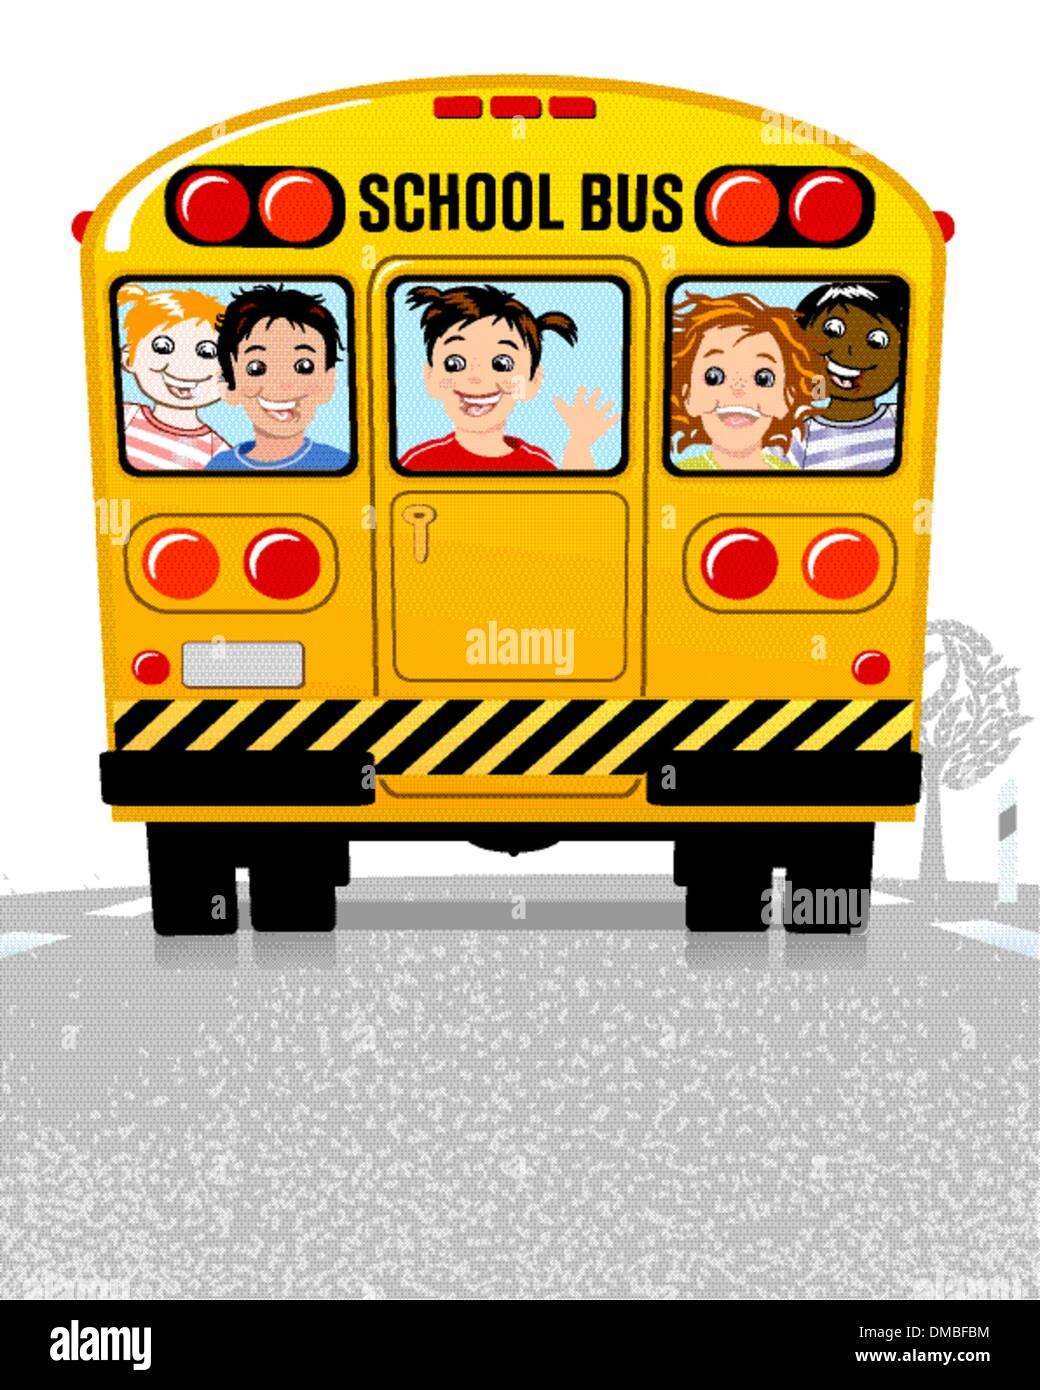 yellow school bus - Stock Vector